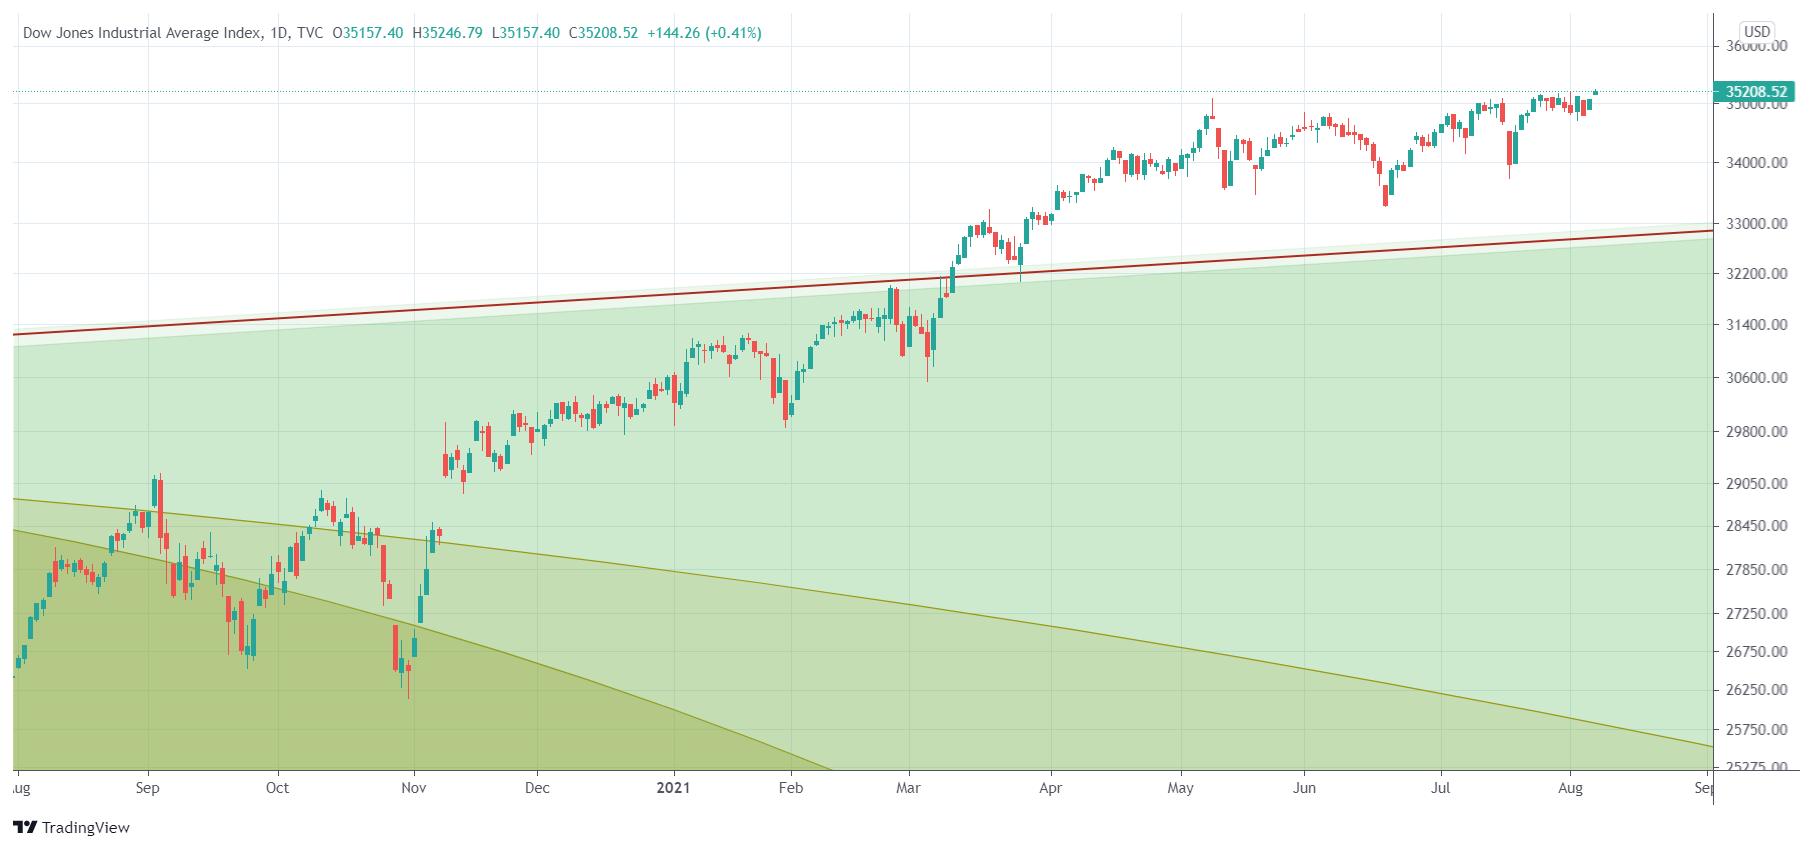 dow jones 1 year chart